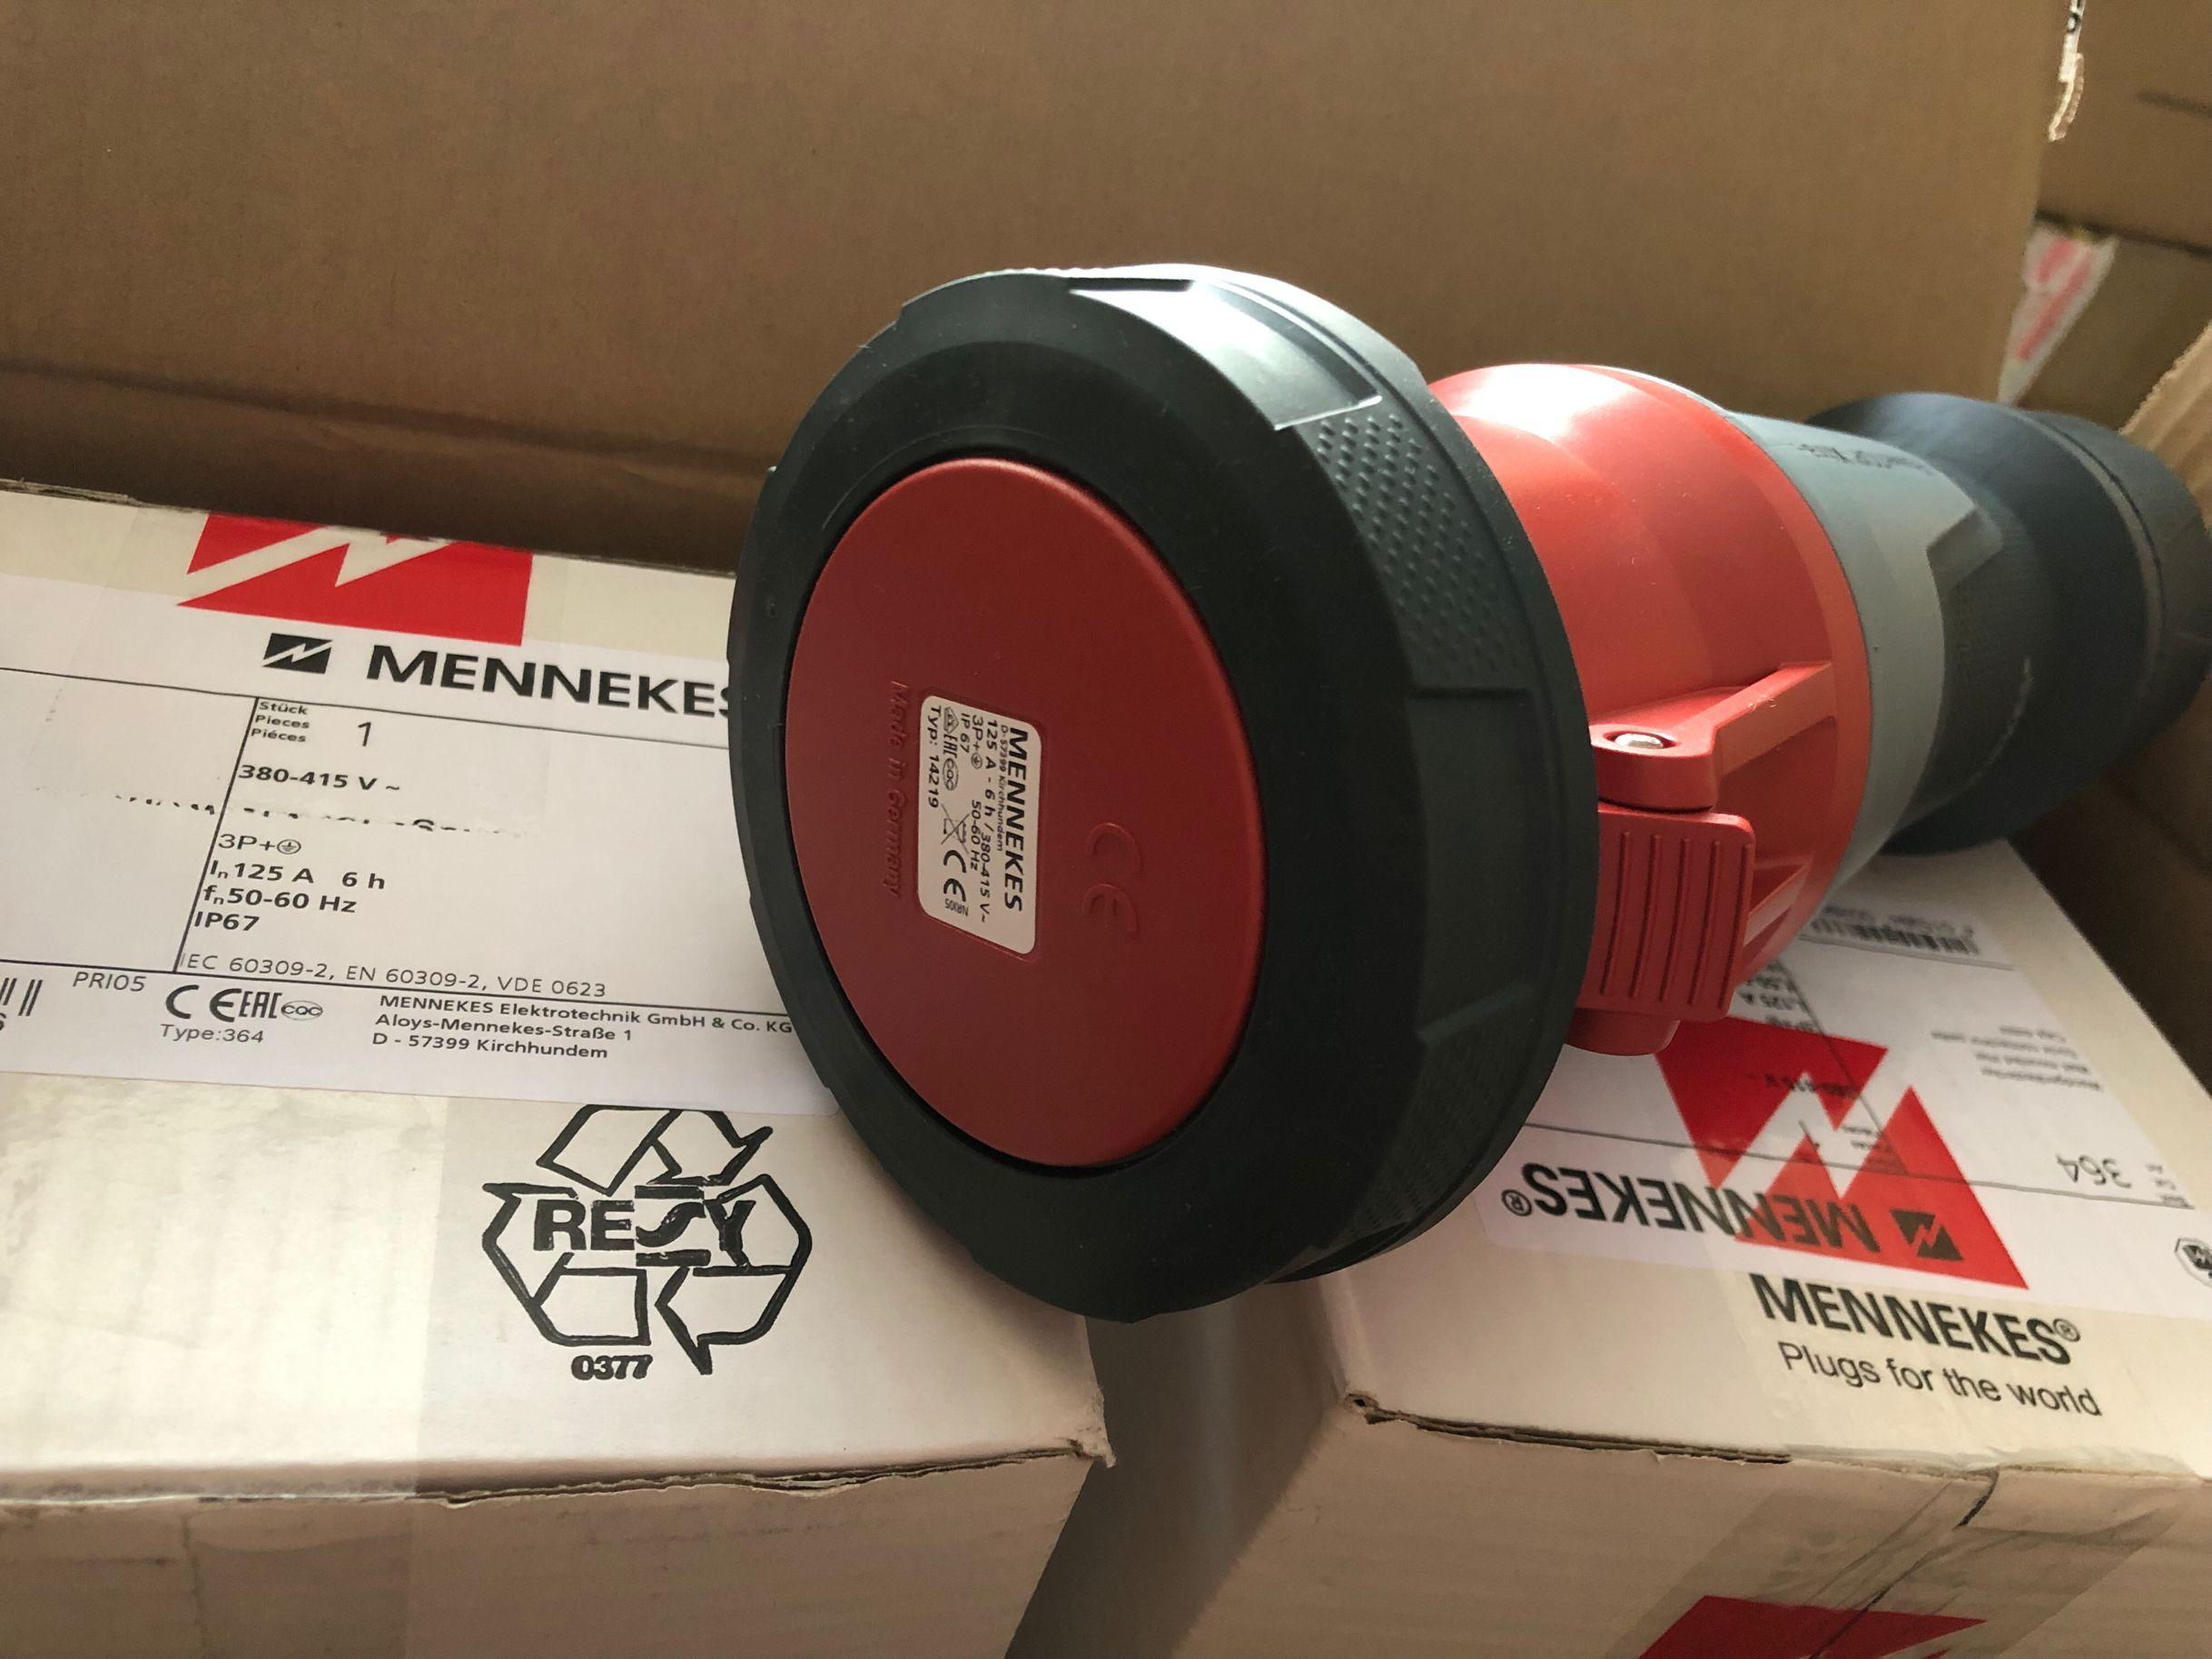 曼奈柯斯明装插座IP44 货号 1369德国进口经销价